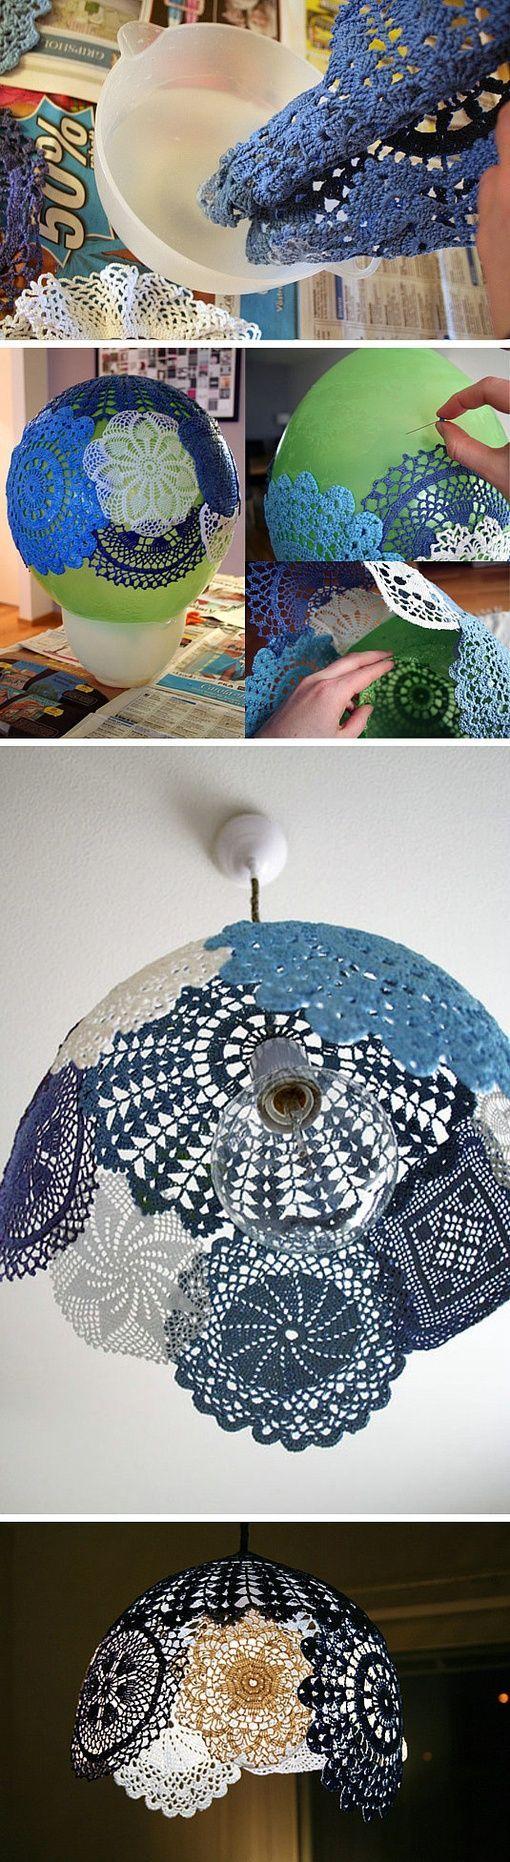 Si creías que el croché estaba 'demodé'... creo que esta maravillosa idea lo actualiza al 100%